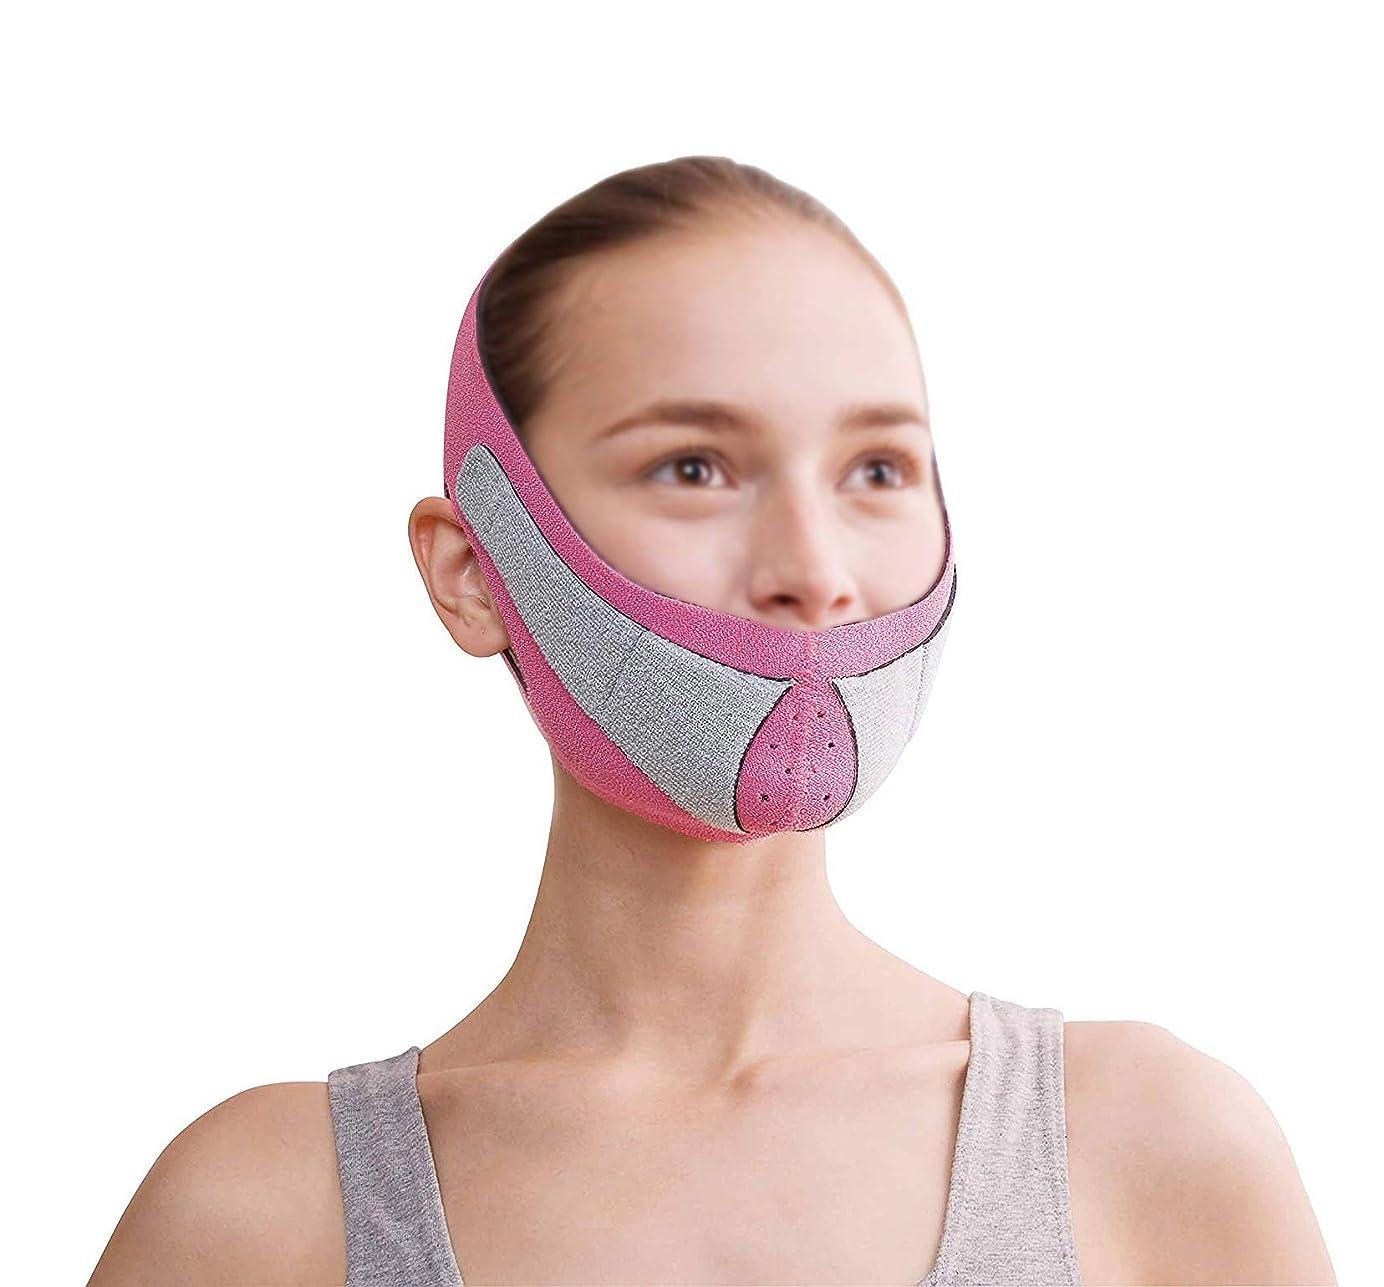 必要ないオリエンテーションカートリッジGLJJQMY 薄い顔のマスクのマスクと垂れ下がり防止の薄い顔のマスク薄い顔のマスクのアーティファクトの美しさの首ネックストラップを引き締め 顔用整形マスク